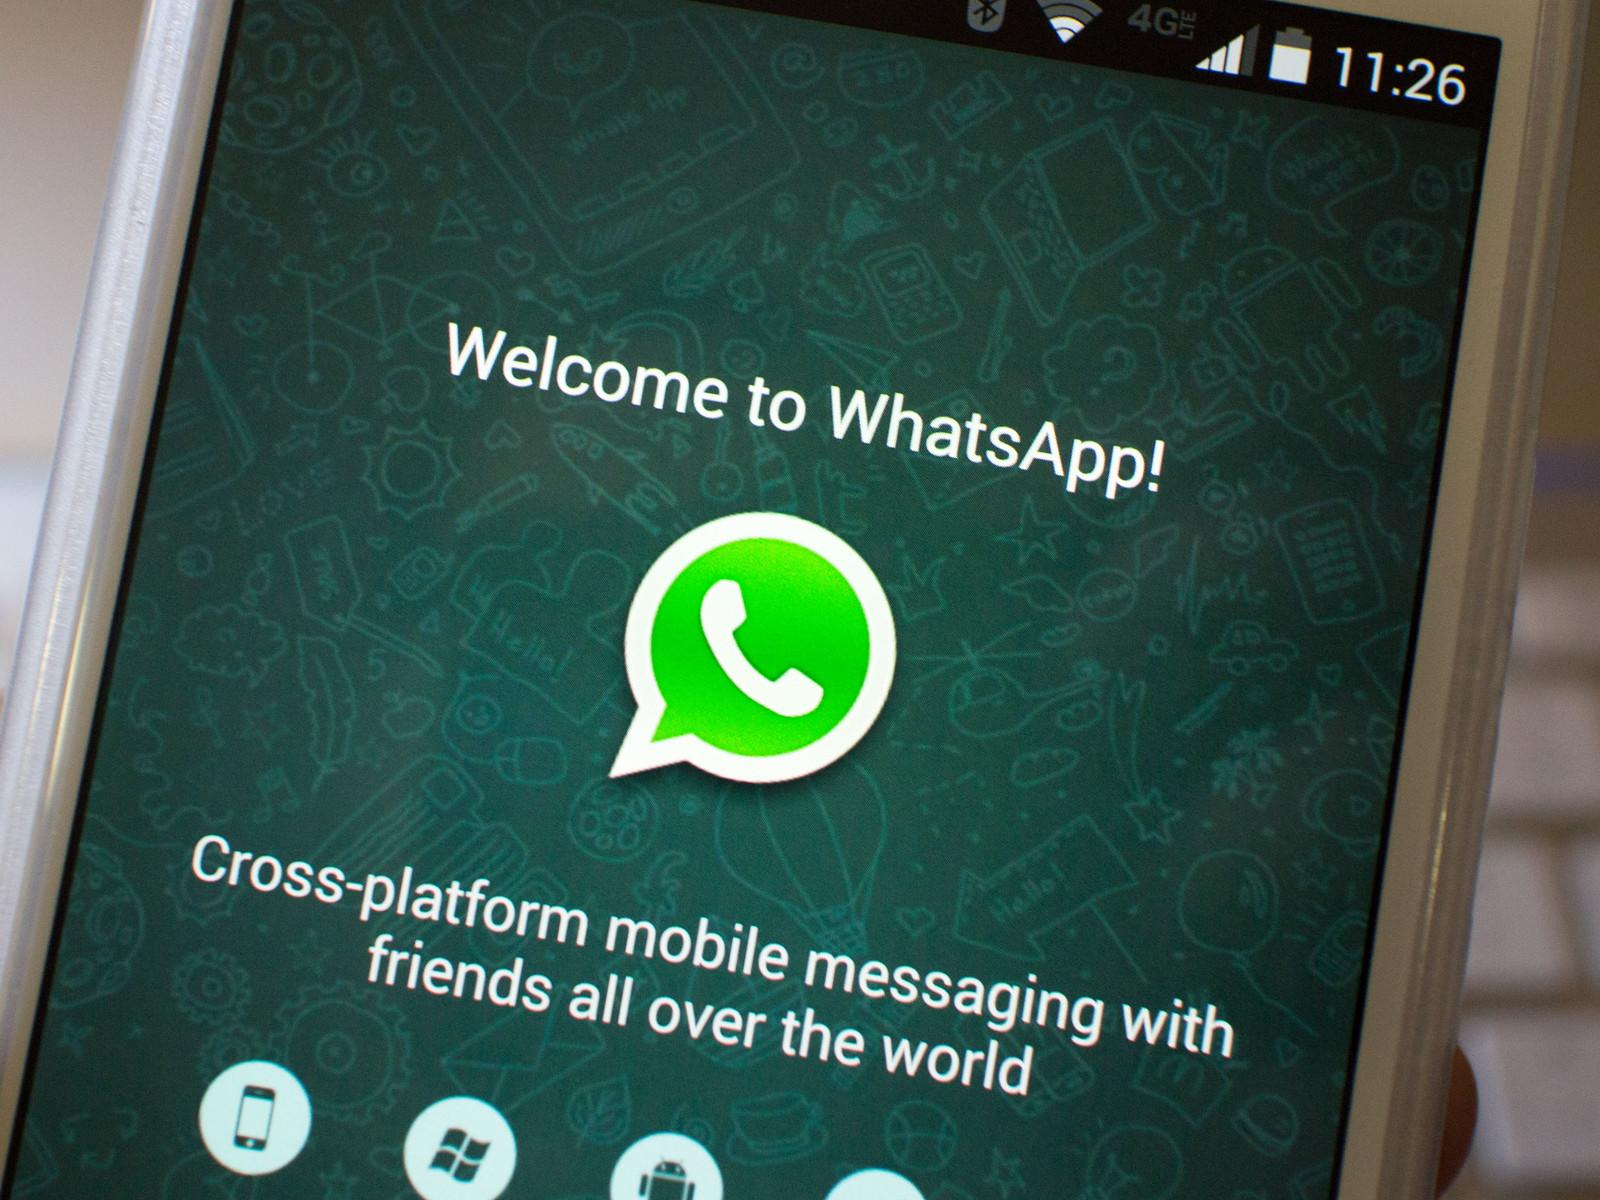 اگه روی گوشی دوم وارد واتساپ بشید، گوشی اول از حساب کاربری شما خارج میشه.